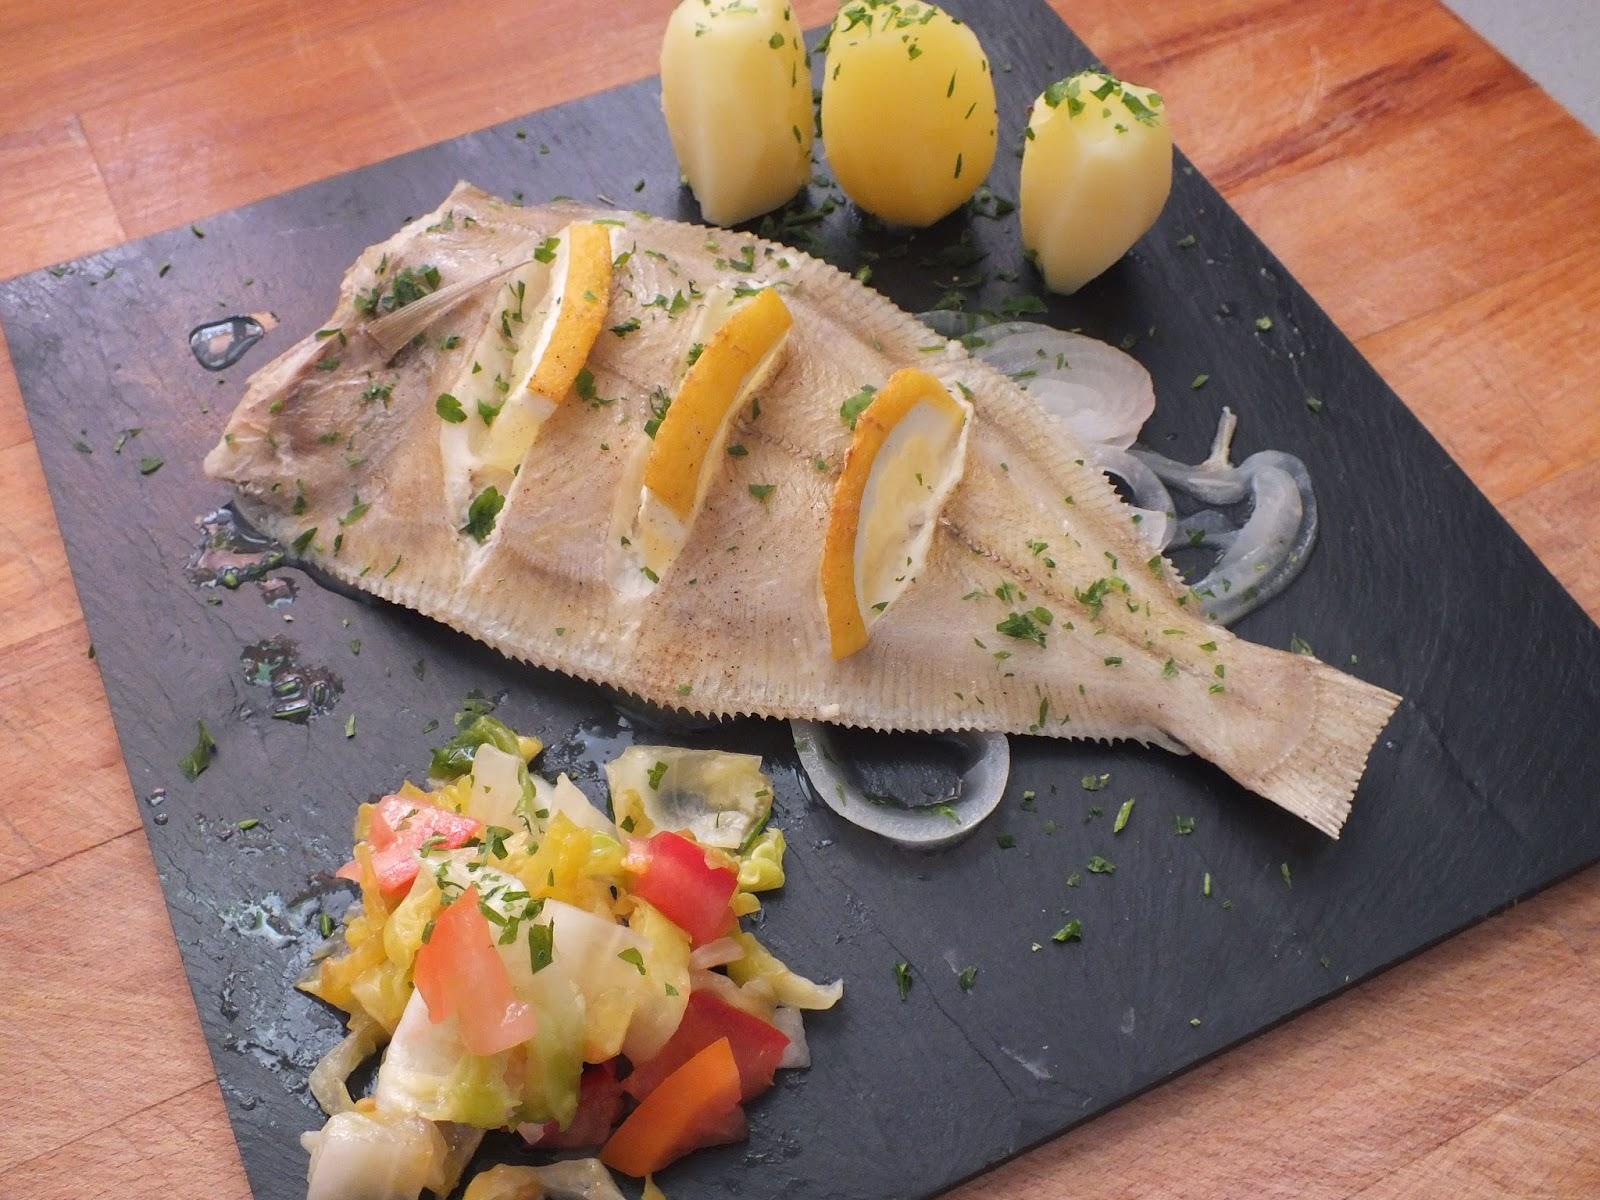 Escuela de cocina pako amor gallos al horno con limon - Escuela de cocina paco amor ...